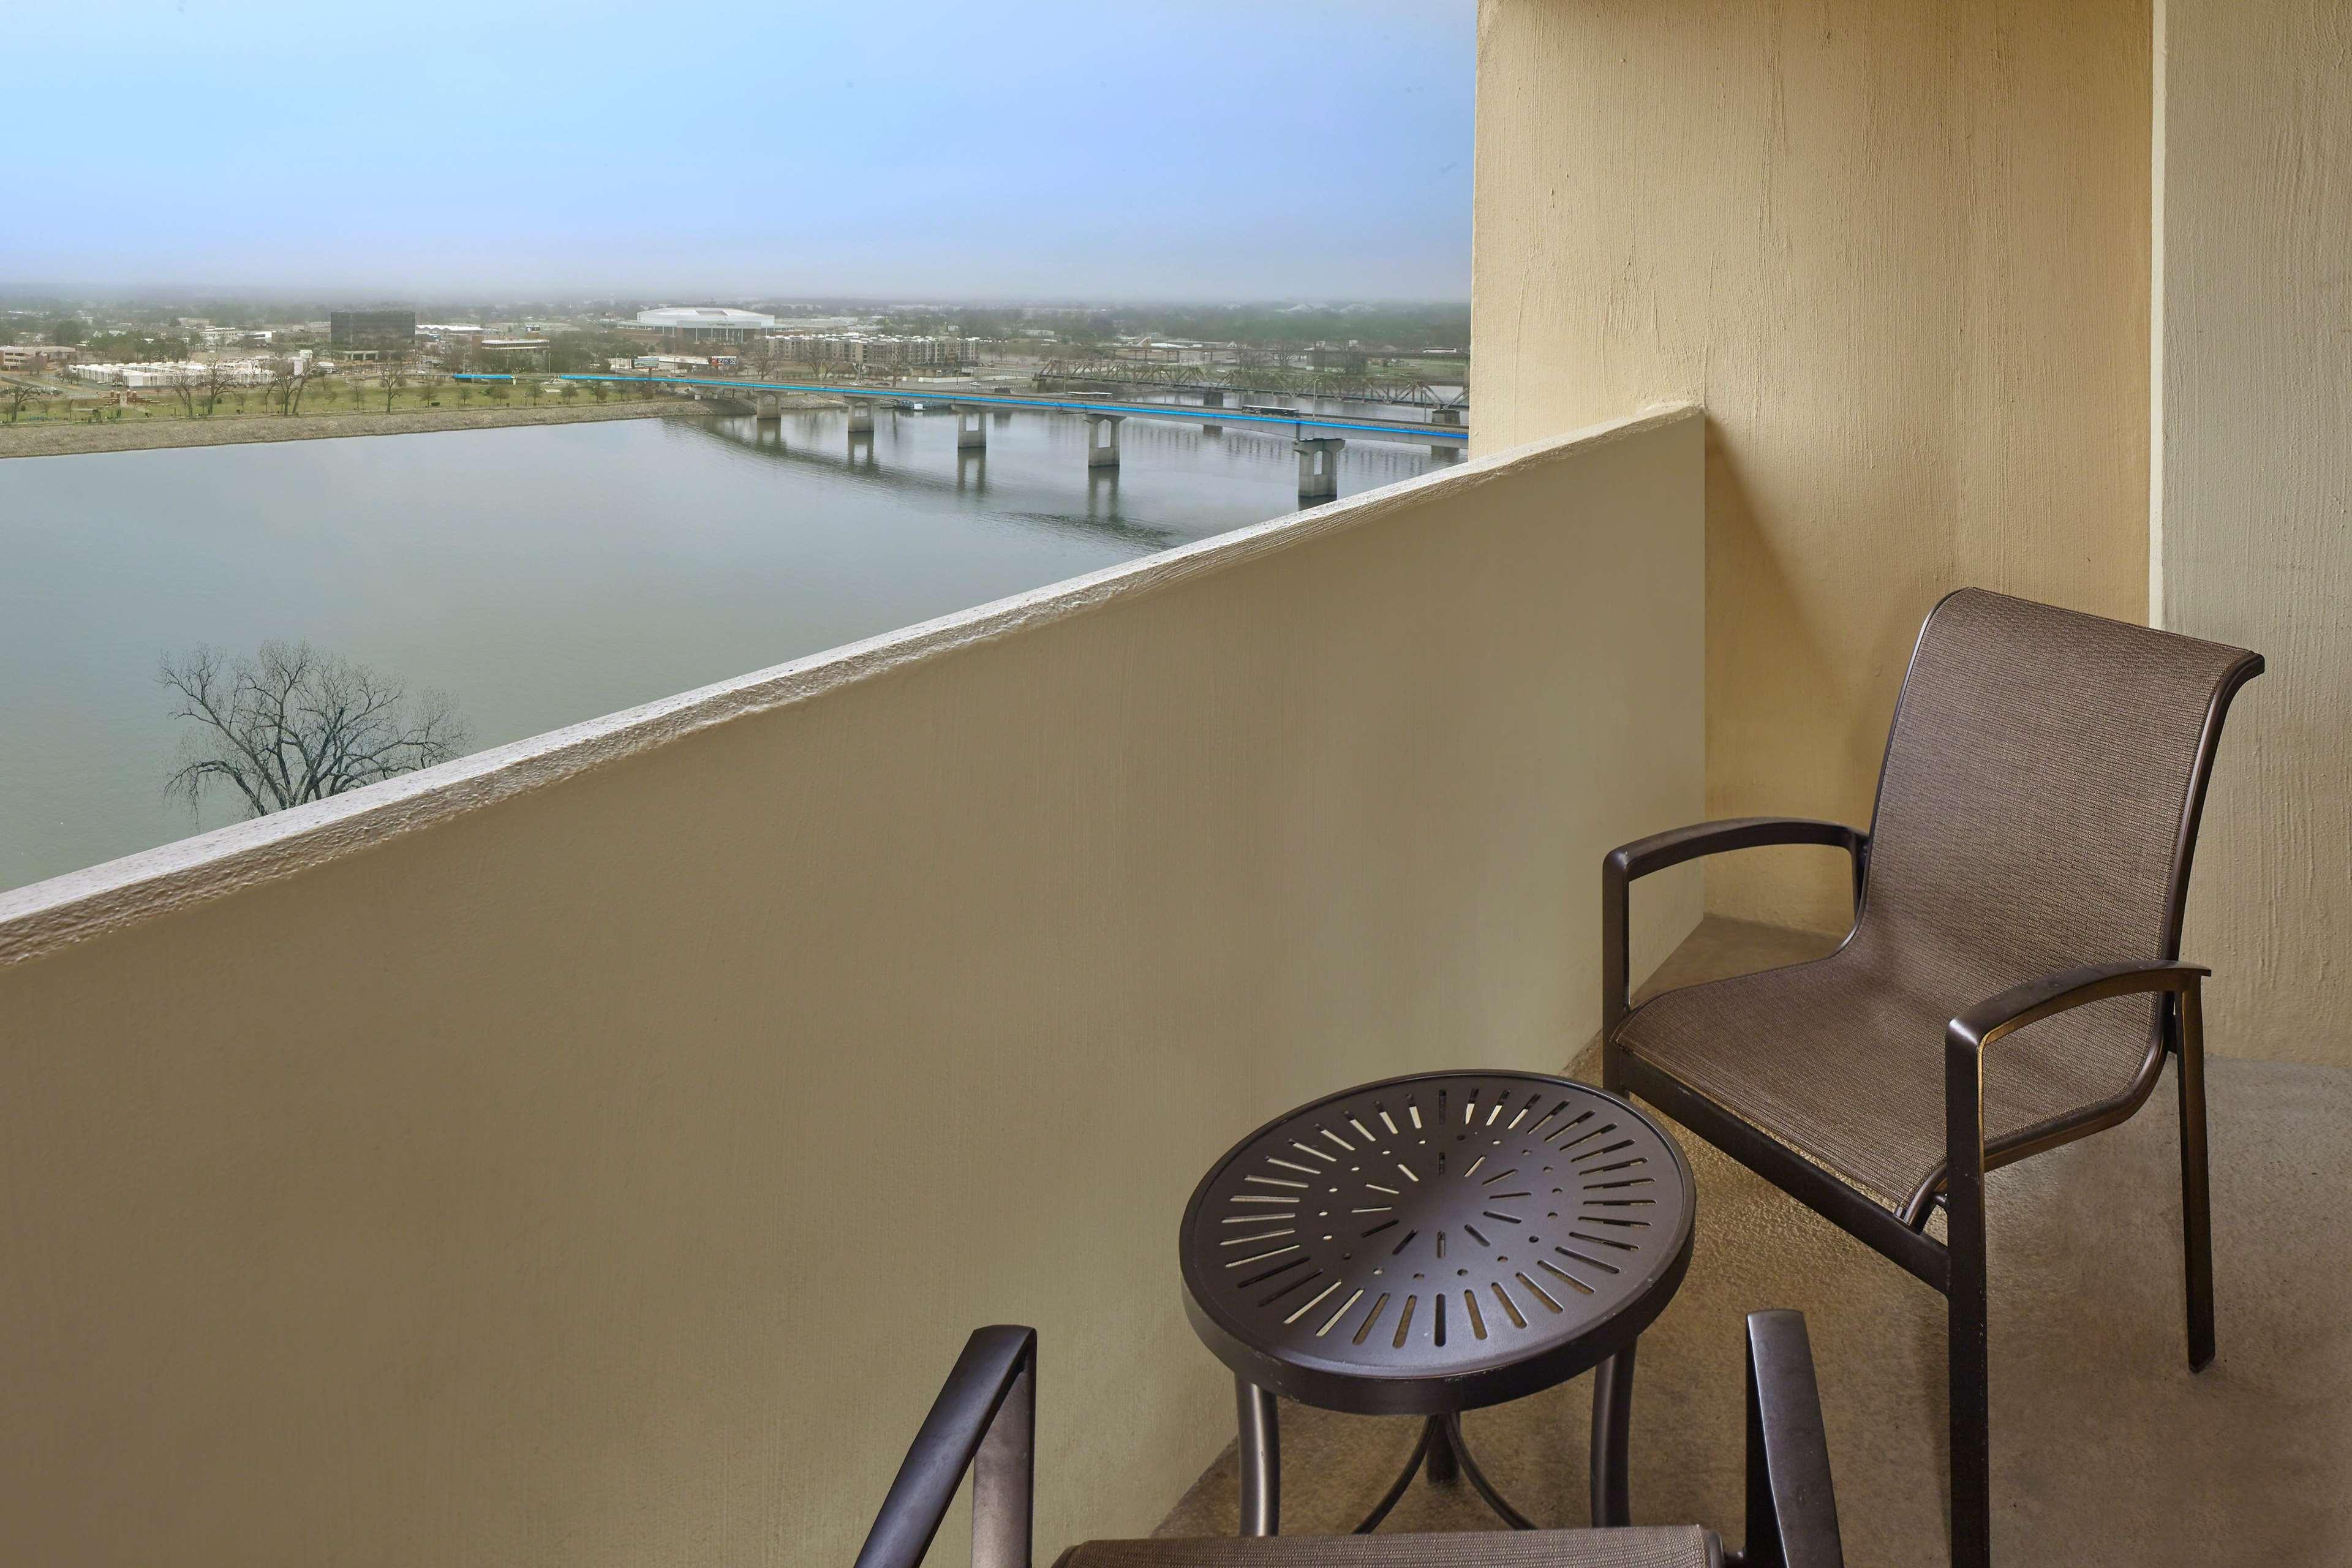 DoubleTree by Hilton Hotel Little Rock image 3